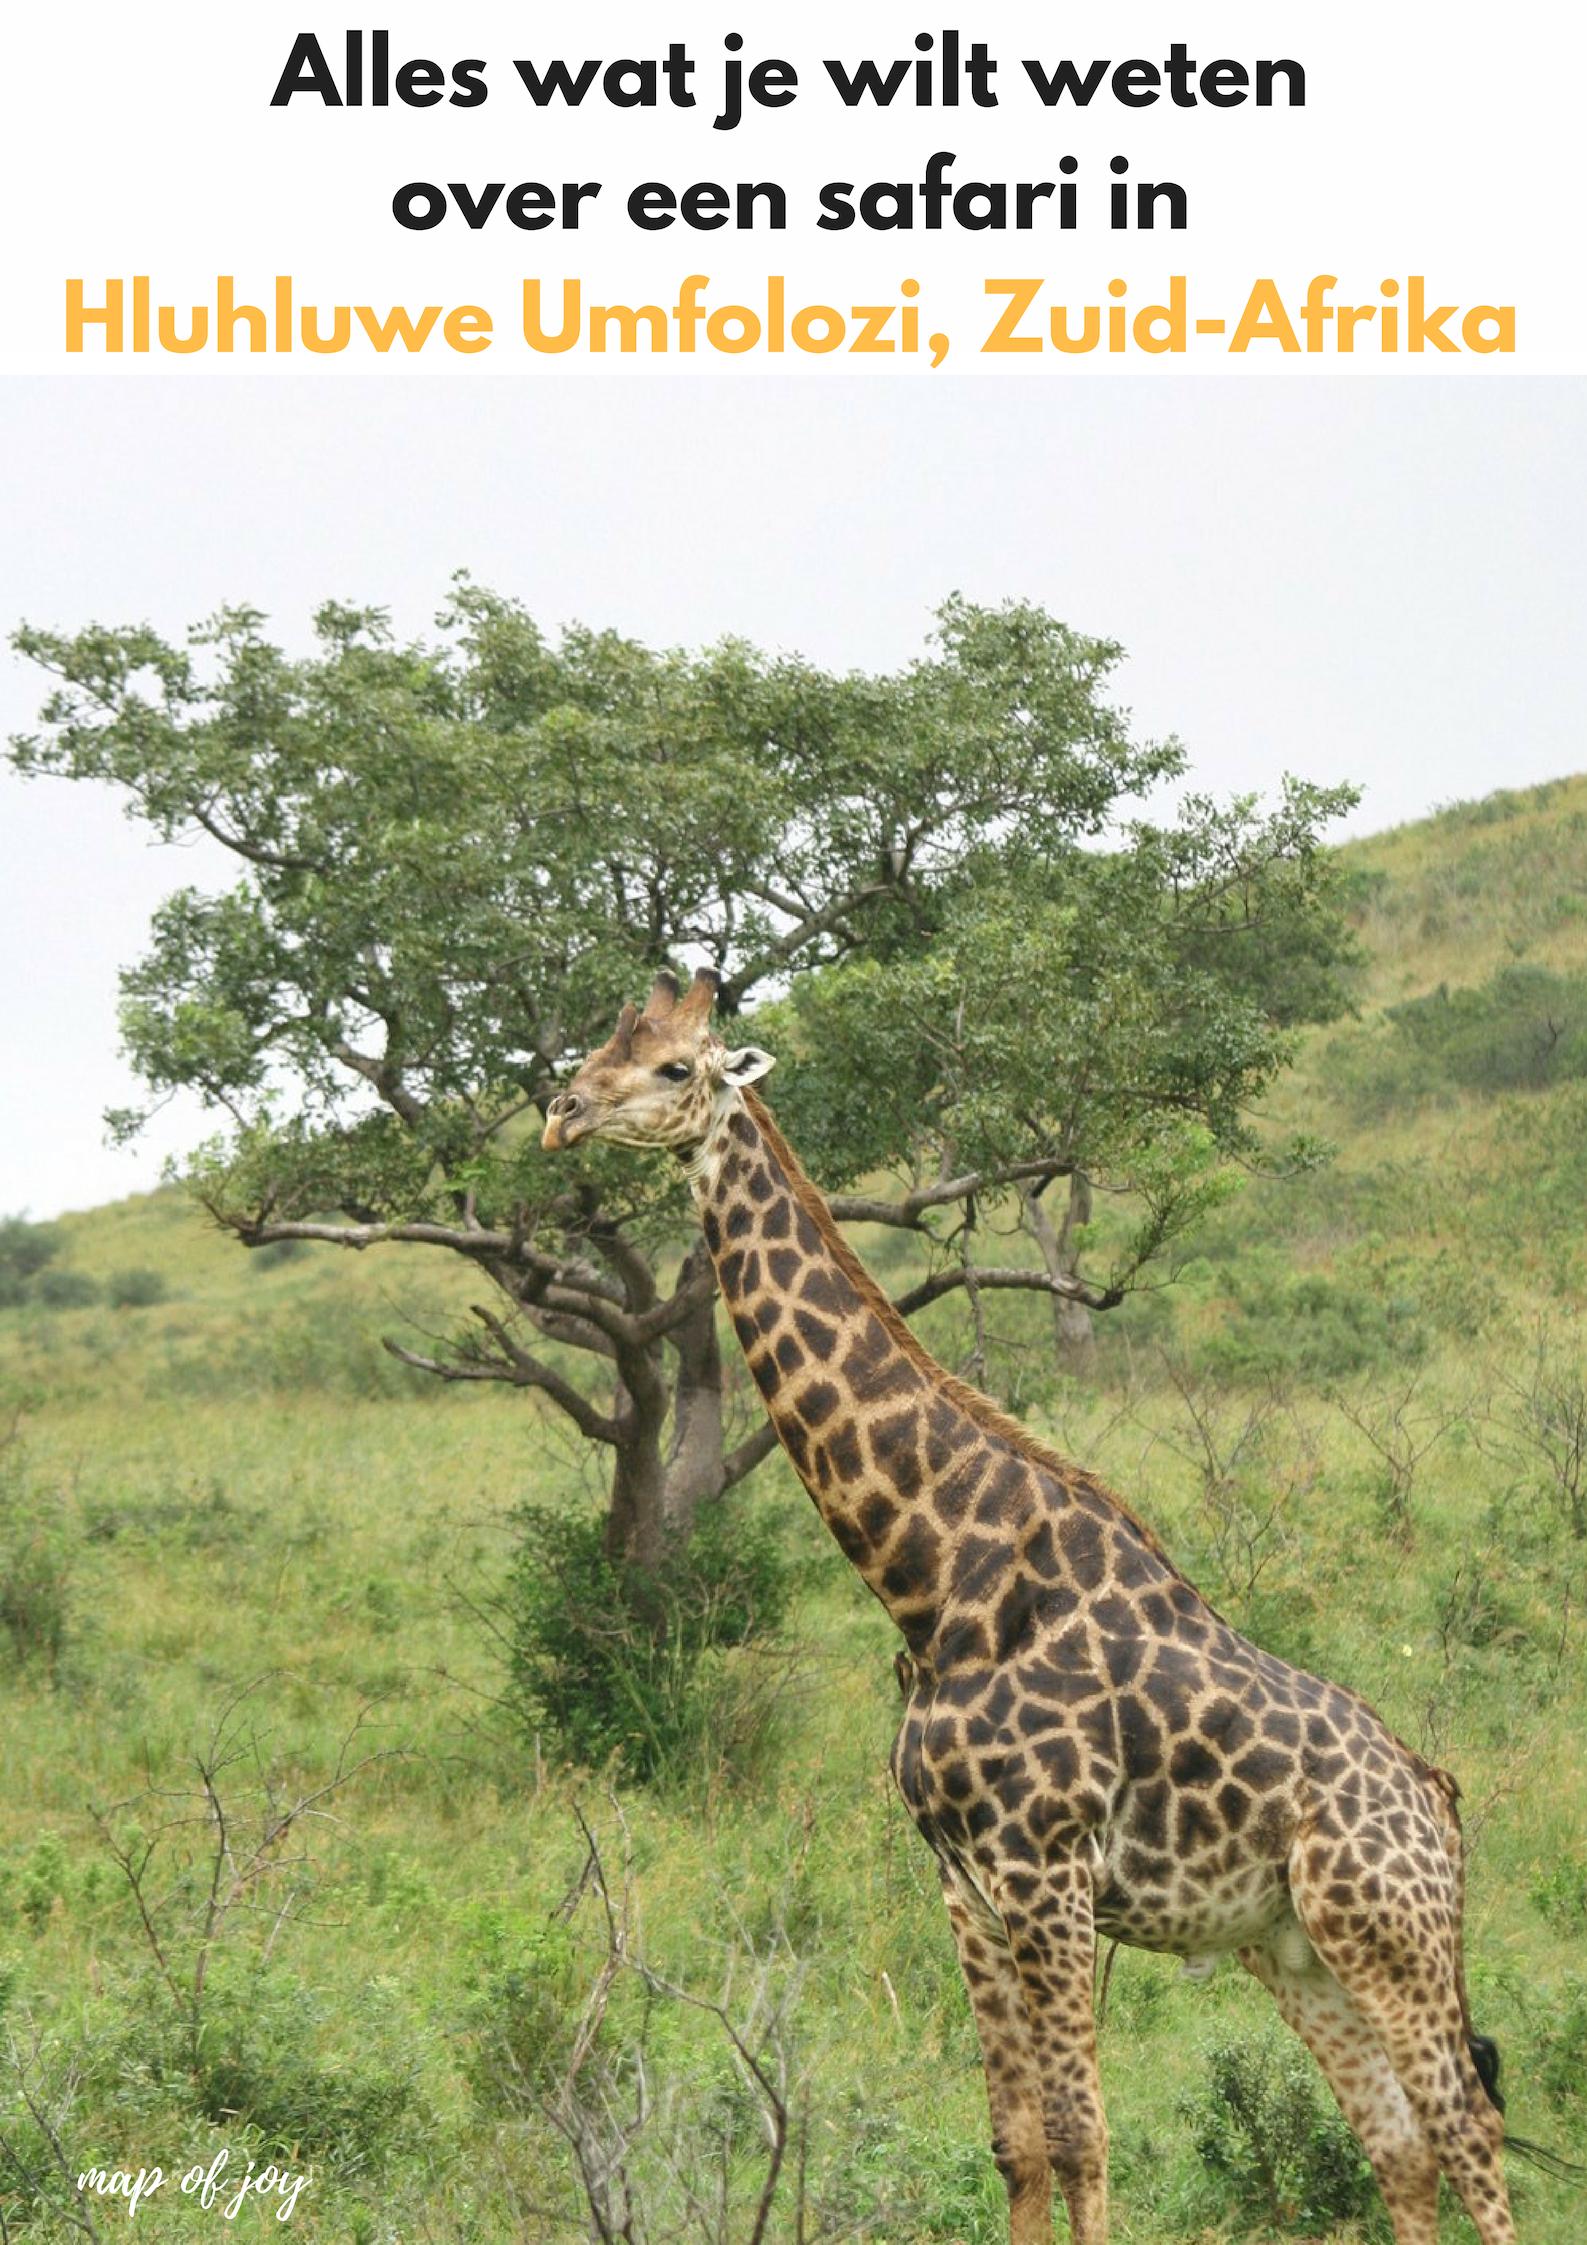 Alles wat je wilt weten over een safari Hluhluwe Umfolozi, Zuid-Afrika - Map of Joy